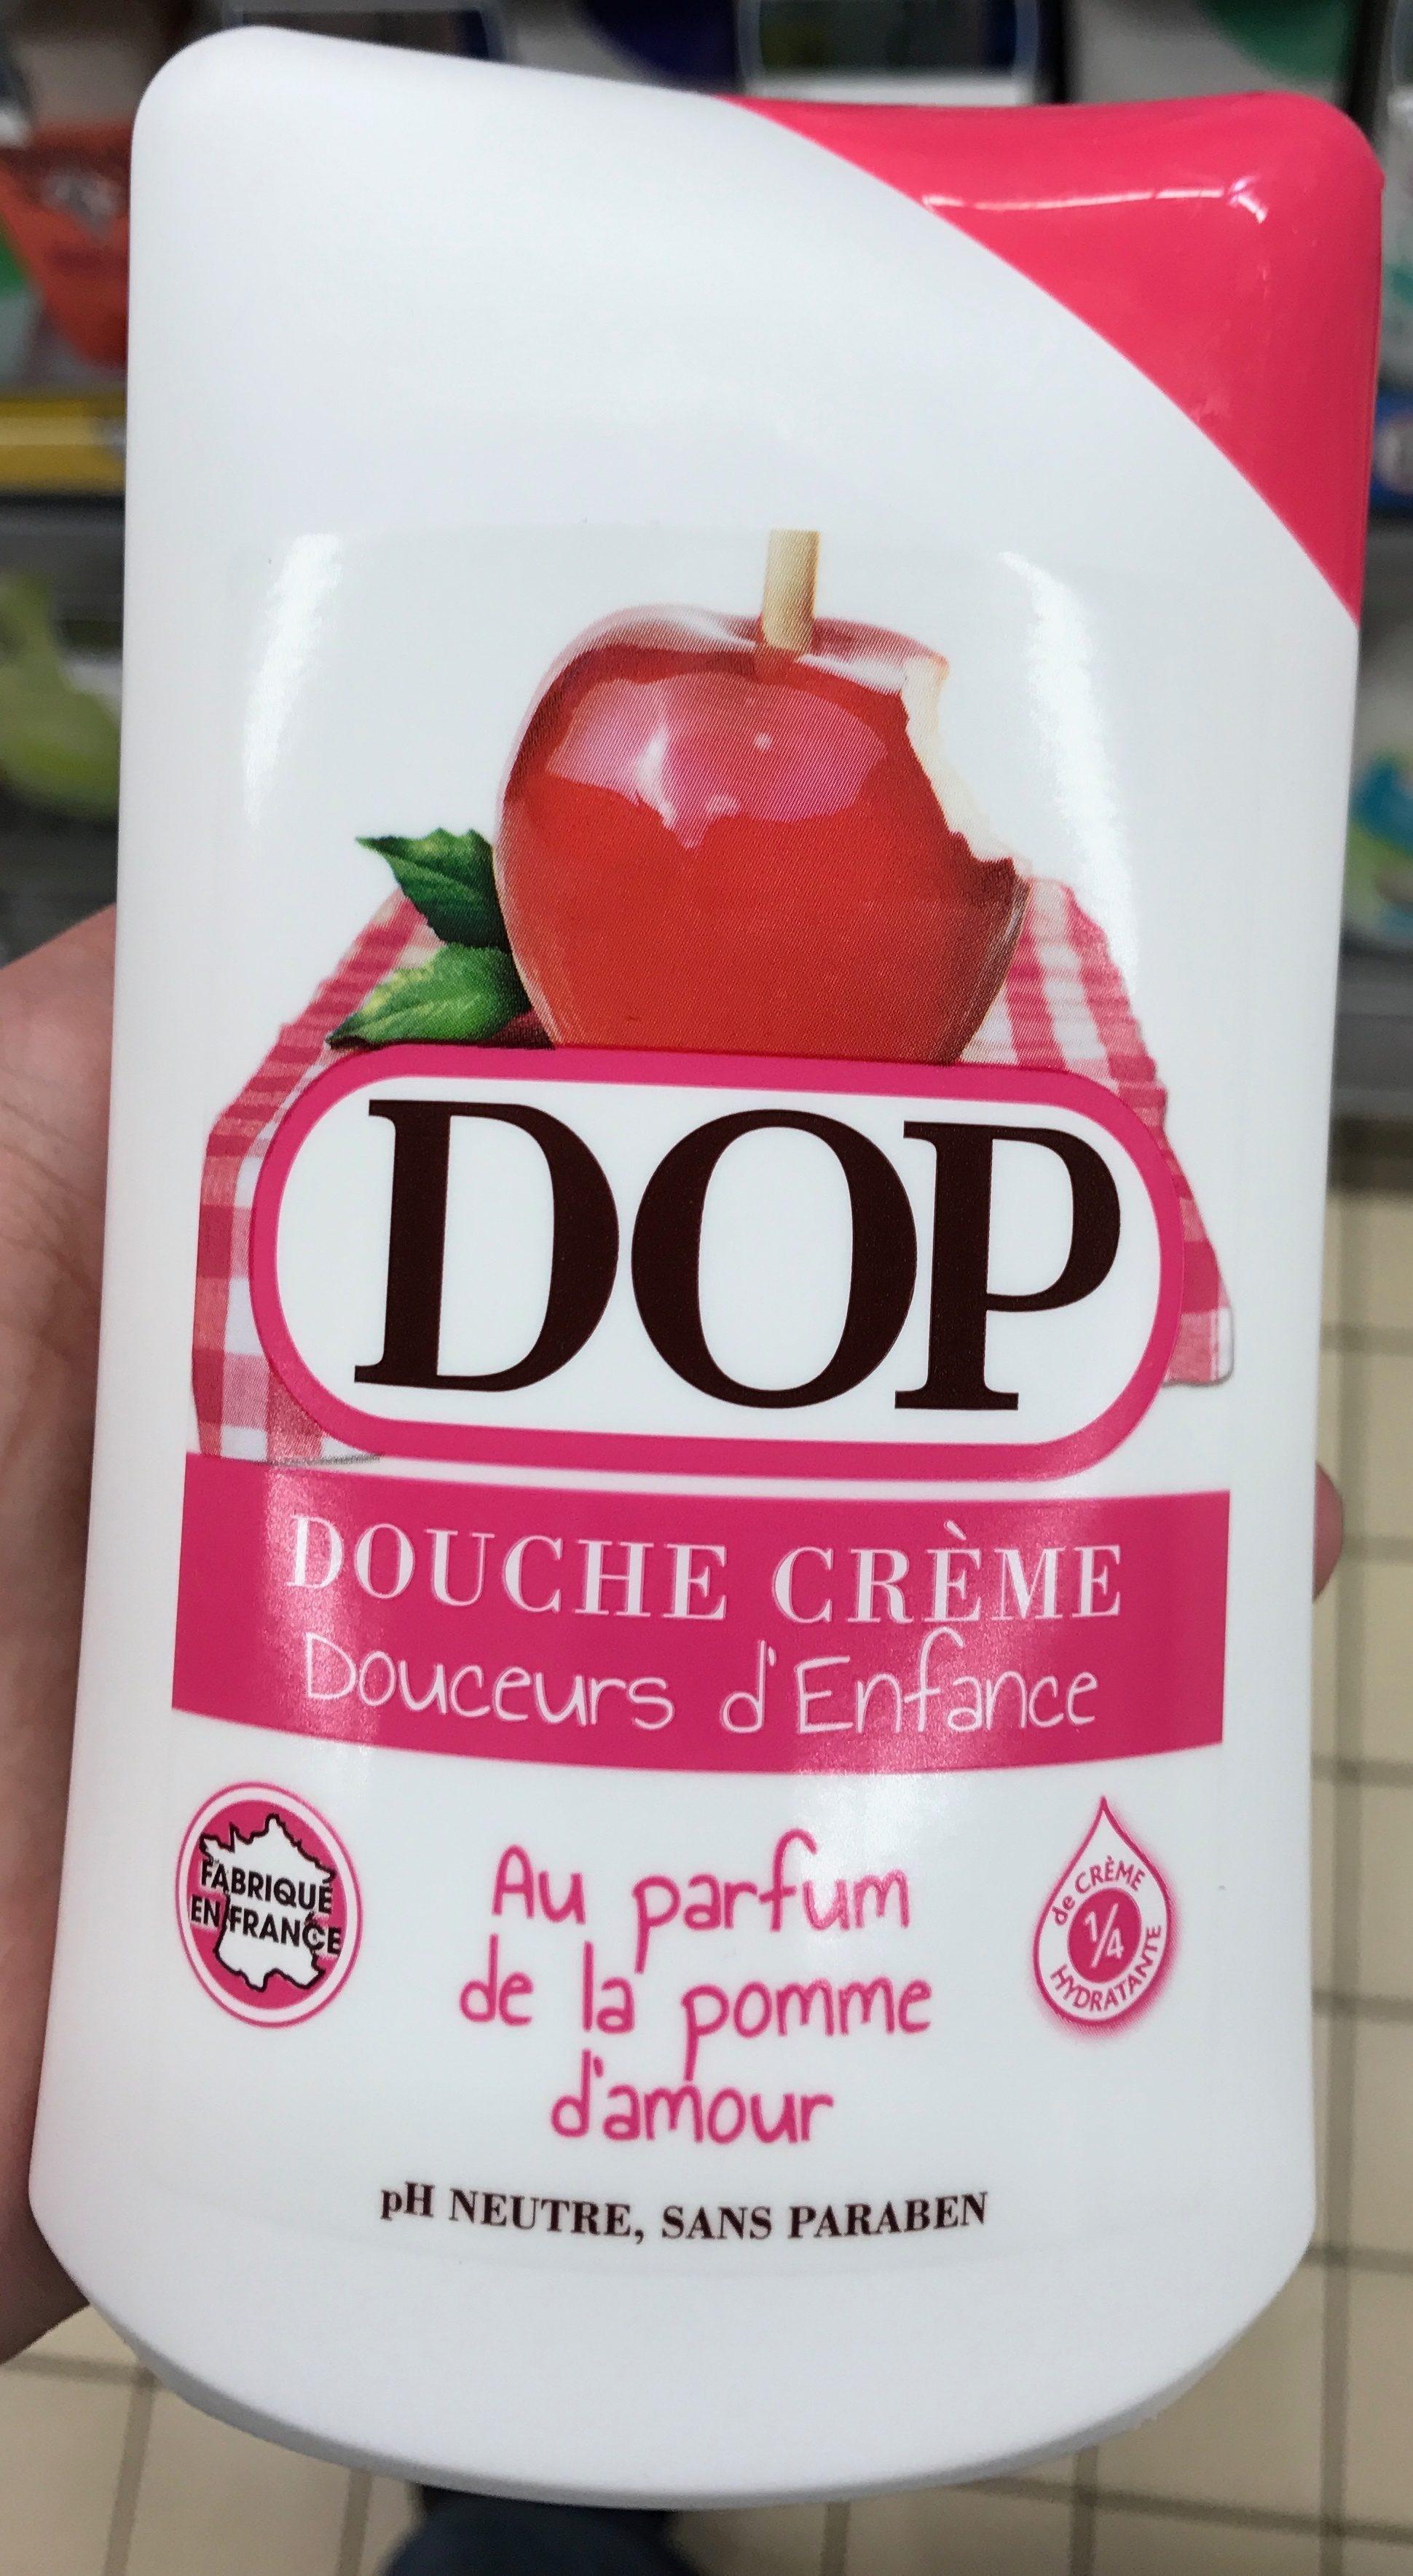 Douche Crème Douceurs d'Enfance au parfum de la pomme d'amour - Produit